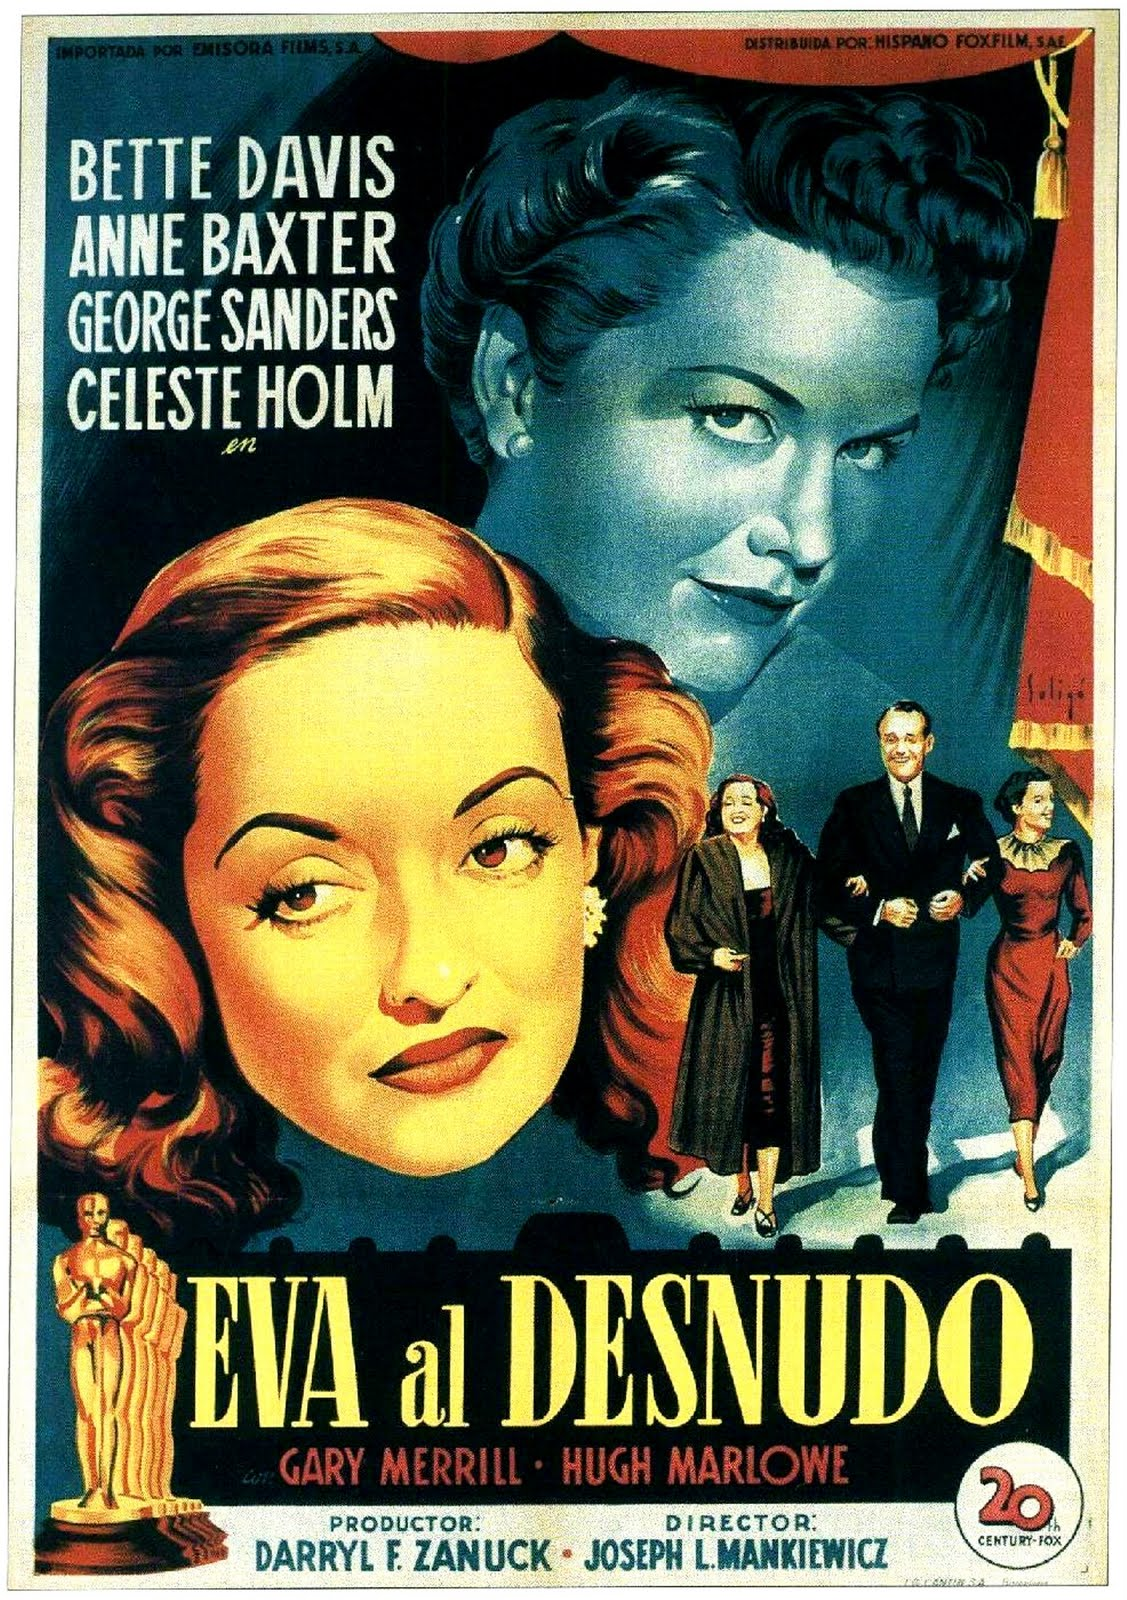 ENCUESTA METACINEMATOGRÁFICA. CINE DENTRO DEL CINE. 1950_eva_al_desnudo_-_all_about_eve_-_esp